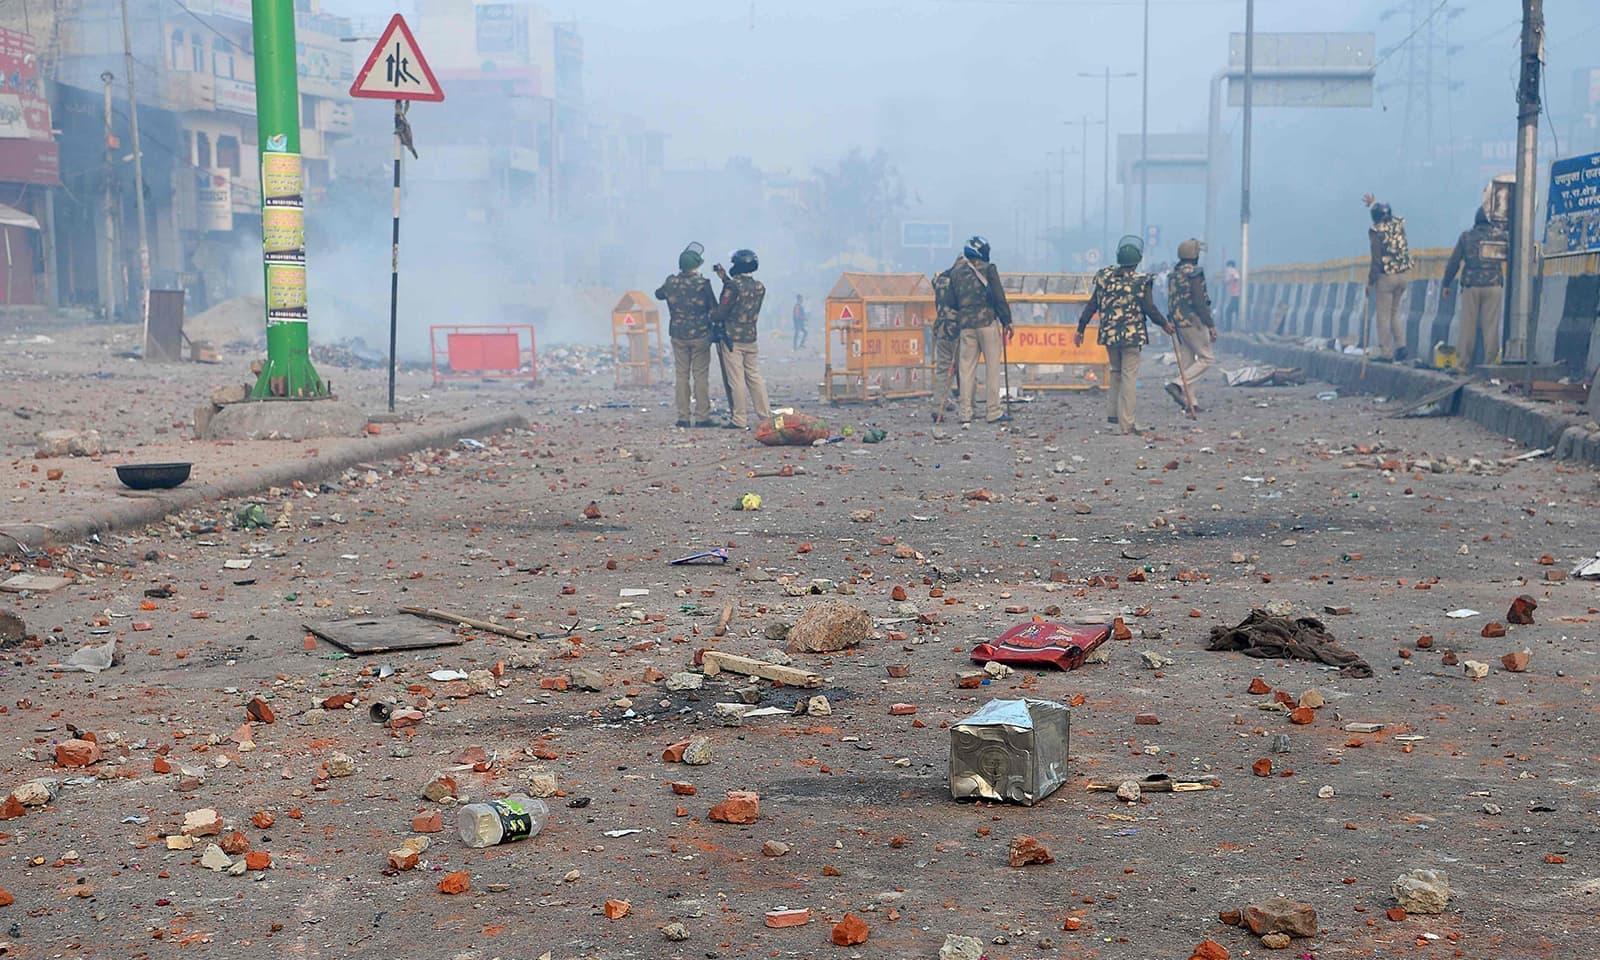 ٹرمپ کی آمد کے ساتھ ہی نئی دہلی سمیت متعدد شہروں میں پرتشدد واقعات ہوتے رہے — فوٹو: اے ایف پی